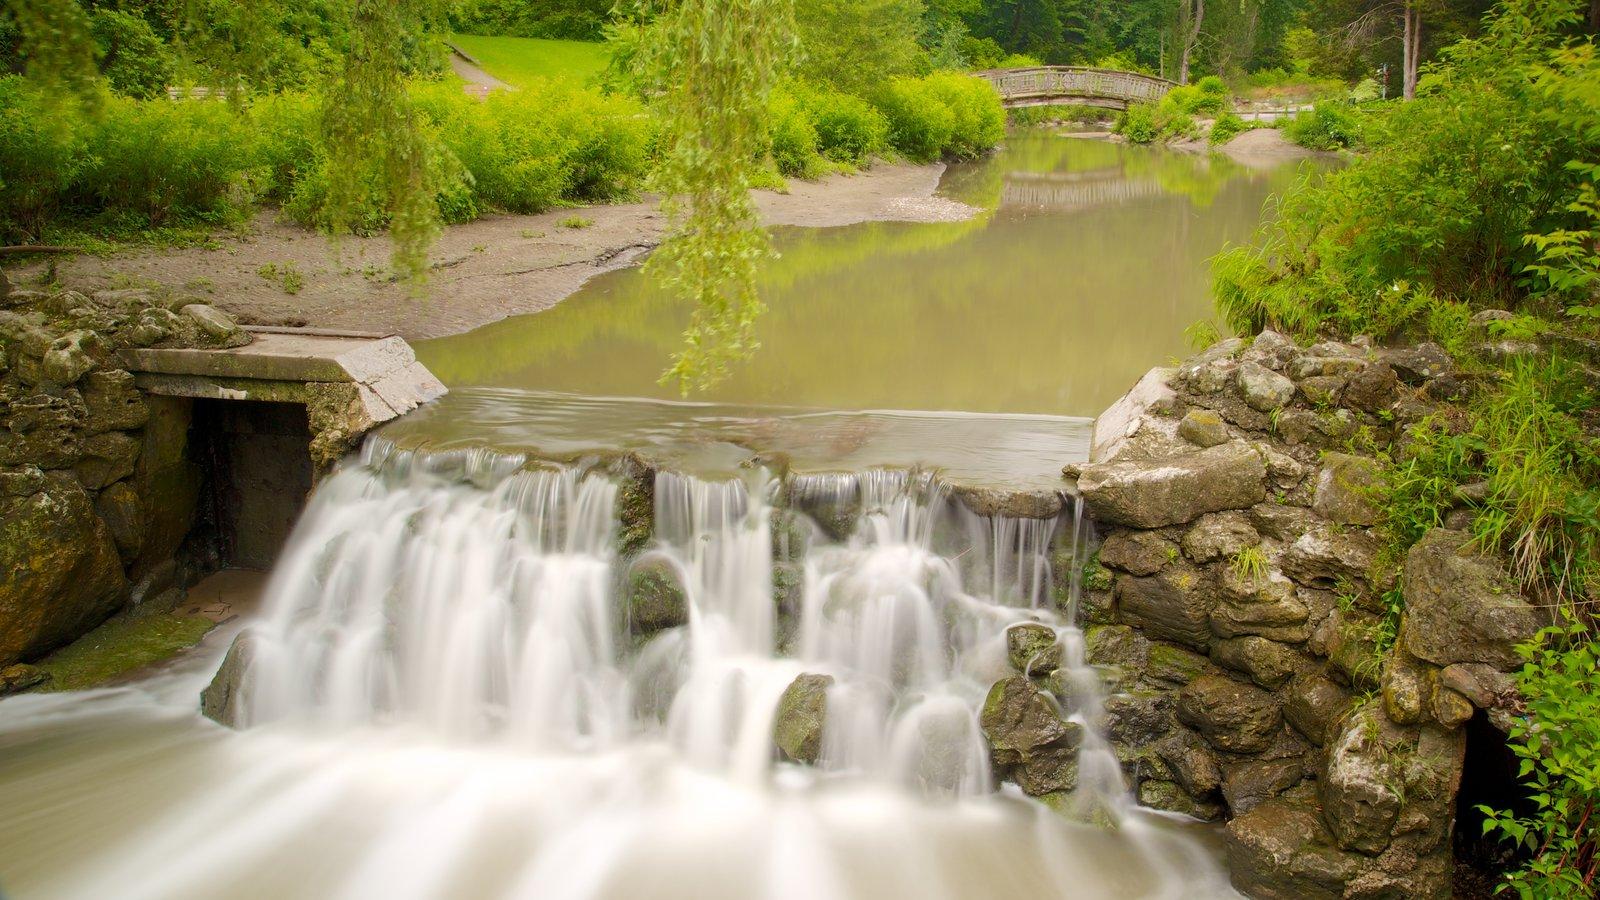 Edward Gardens mostrando um rio ou córrego, uma cachoeira e um parque